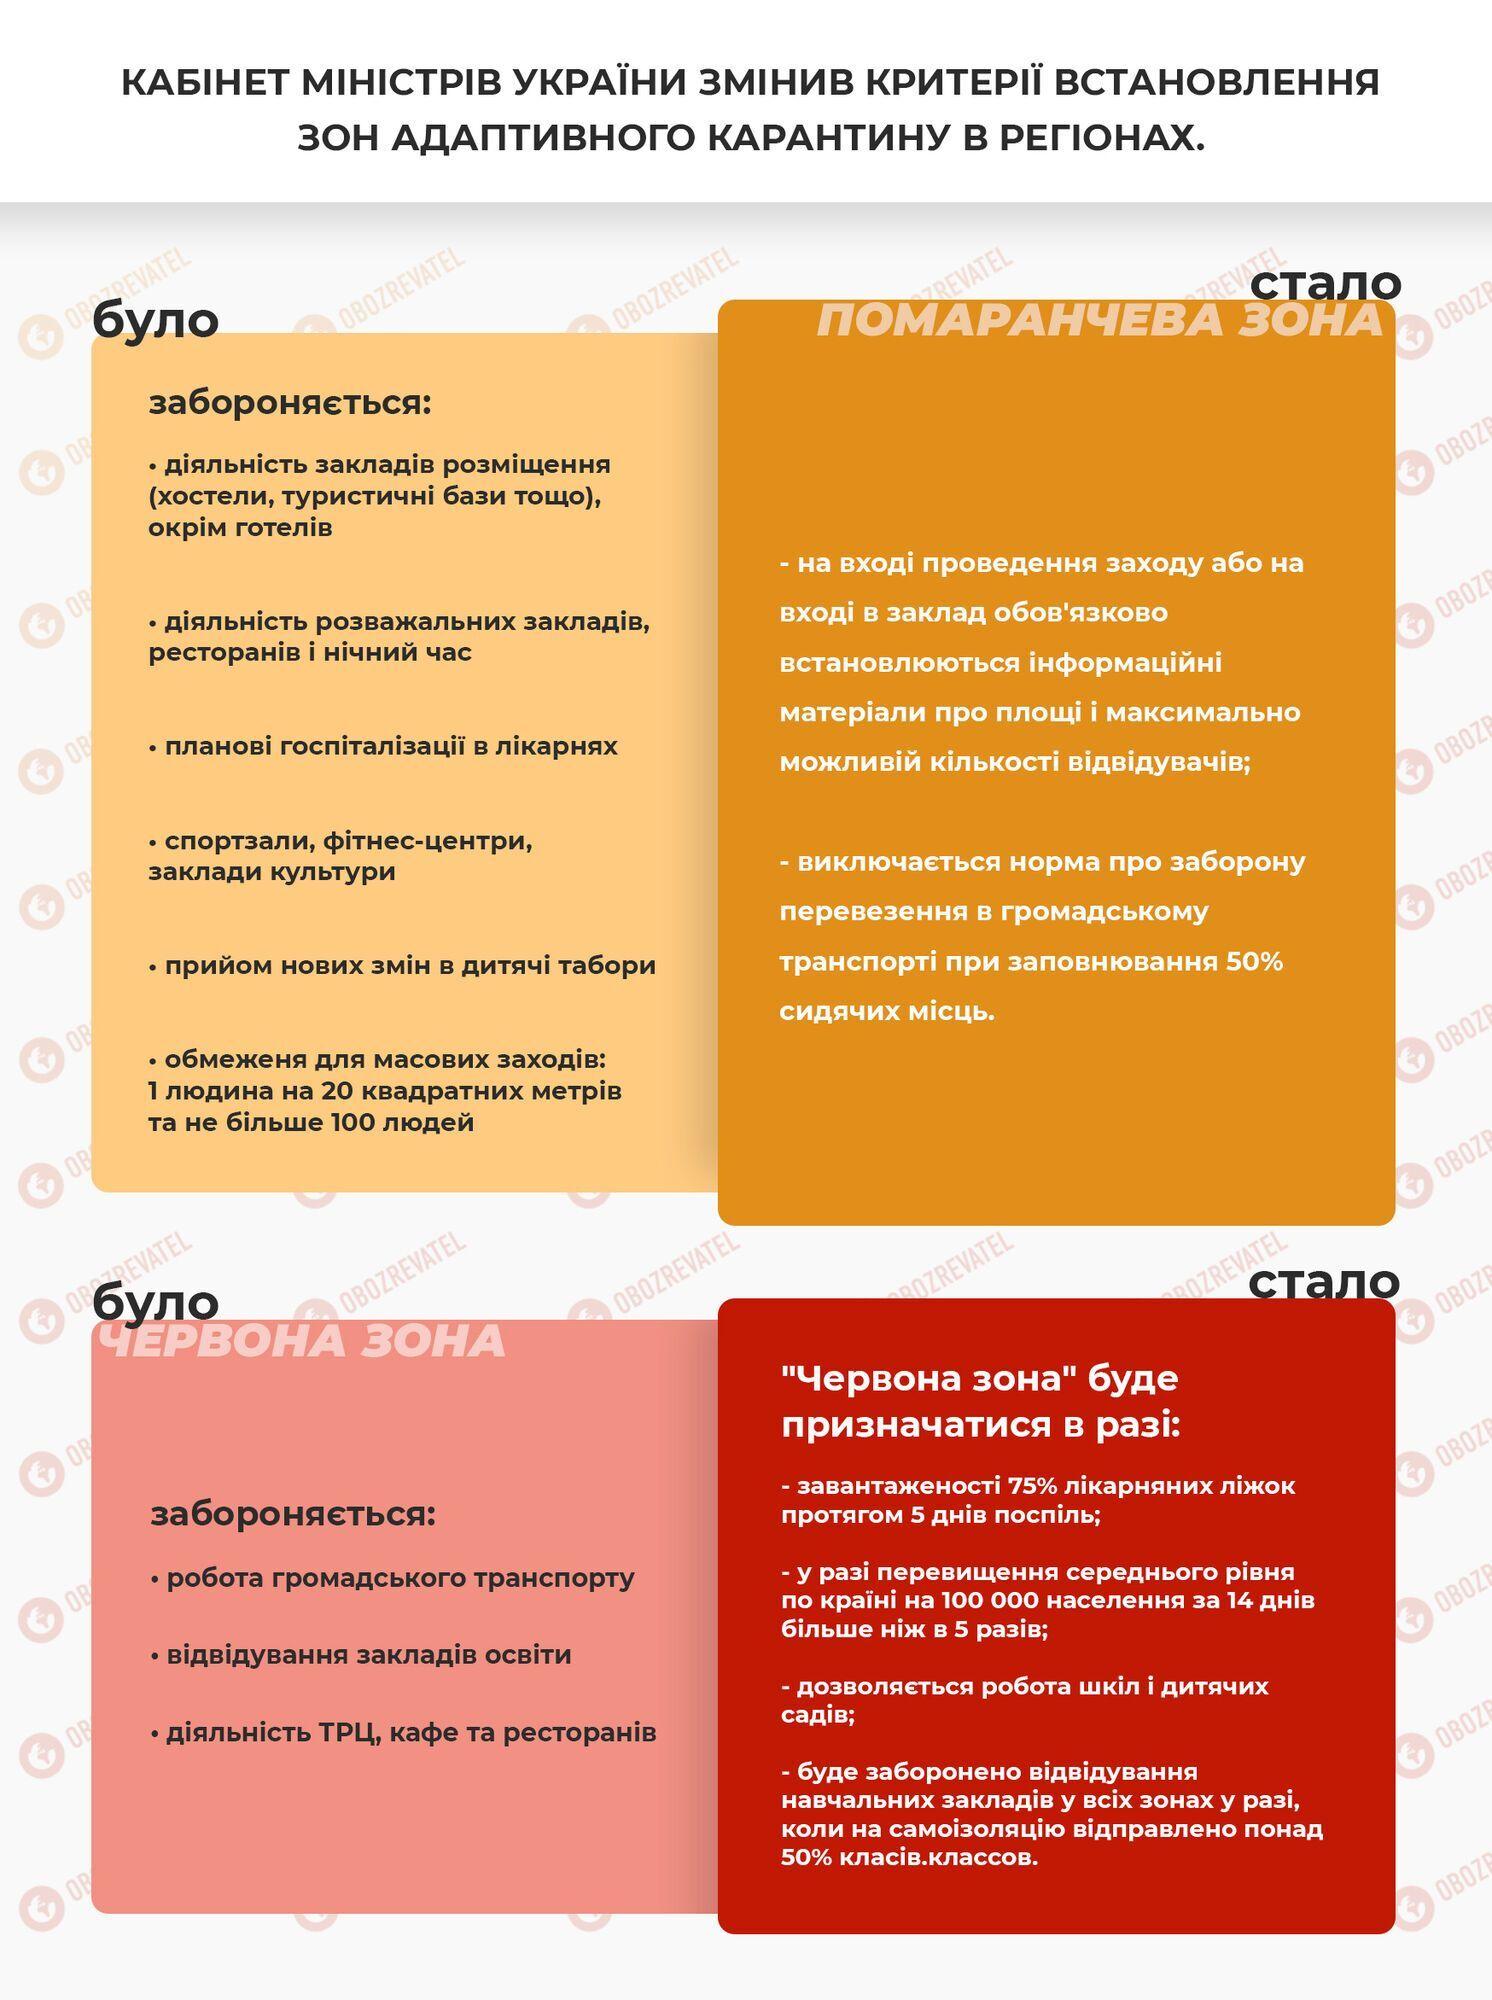 Критерії для карантинних зон в Україні.